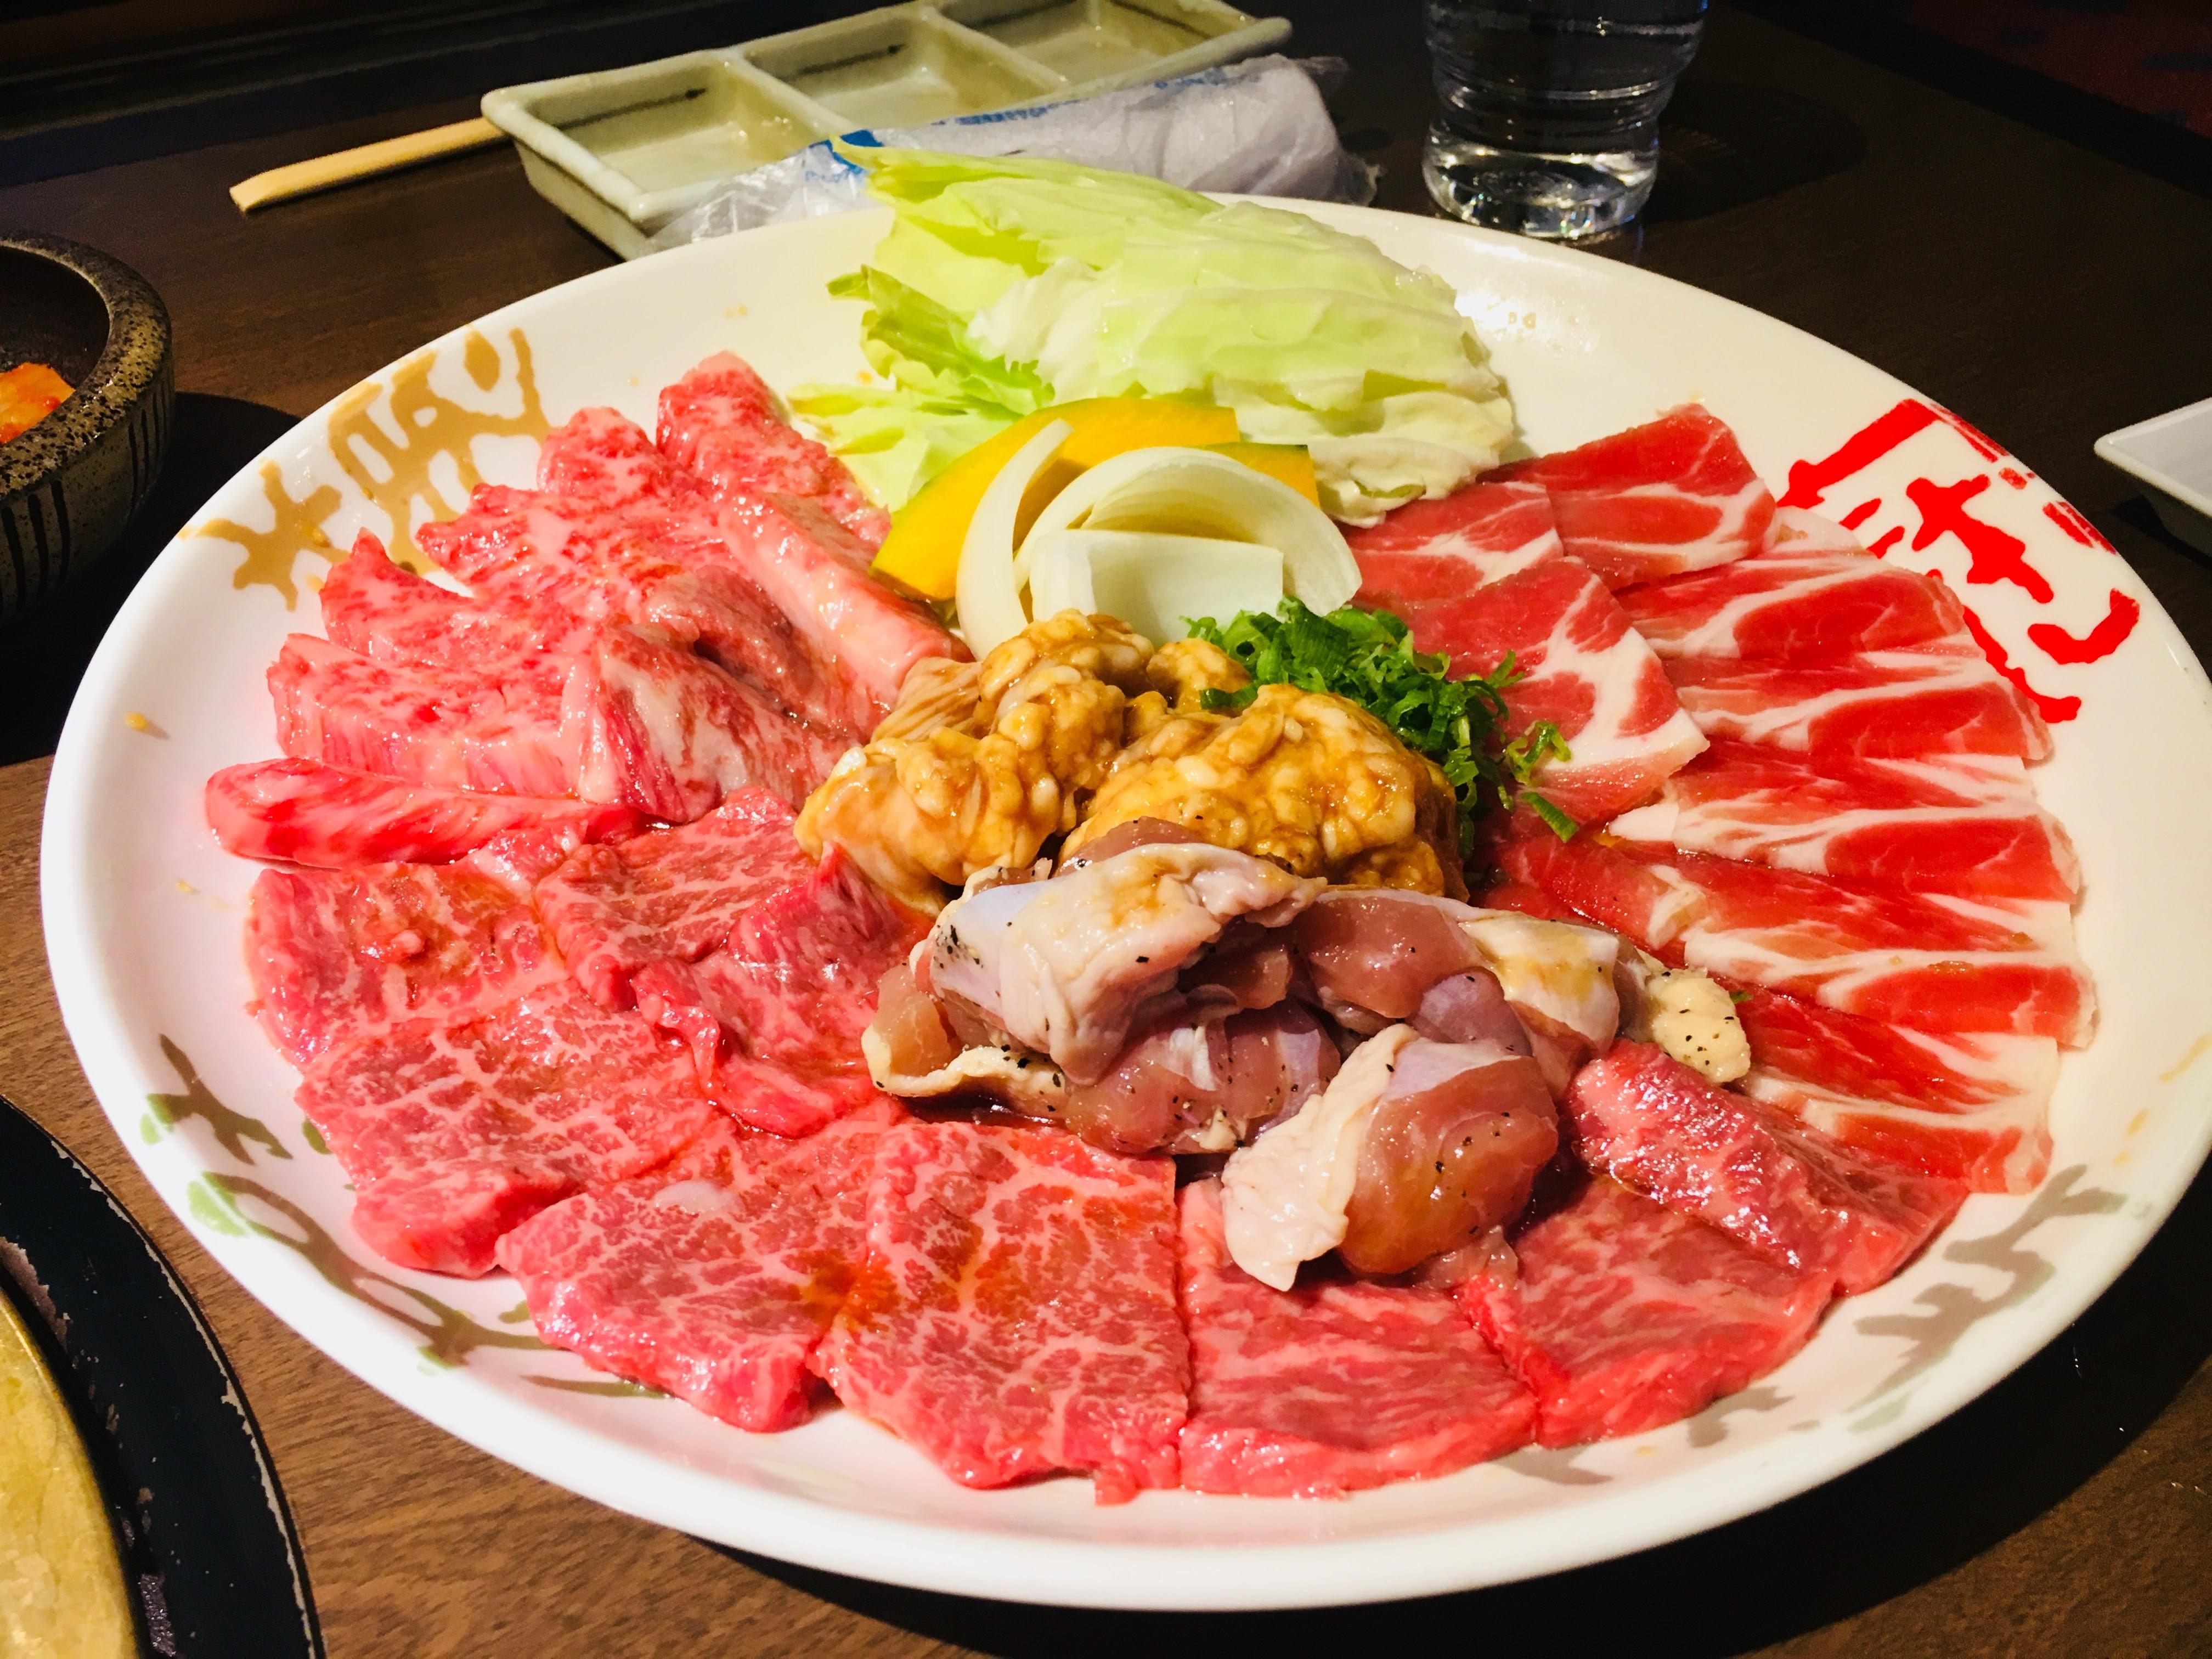 【焼肉 友宝】熊本東区・40年以上愛される熊本産黒毛和牛にこだわる老舗焼肉店